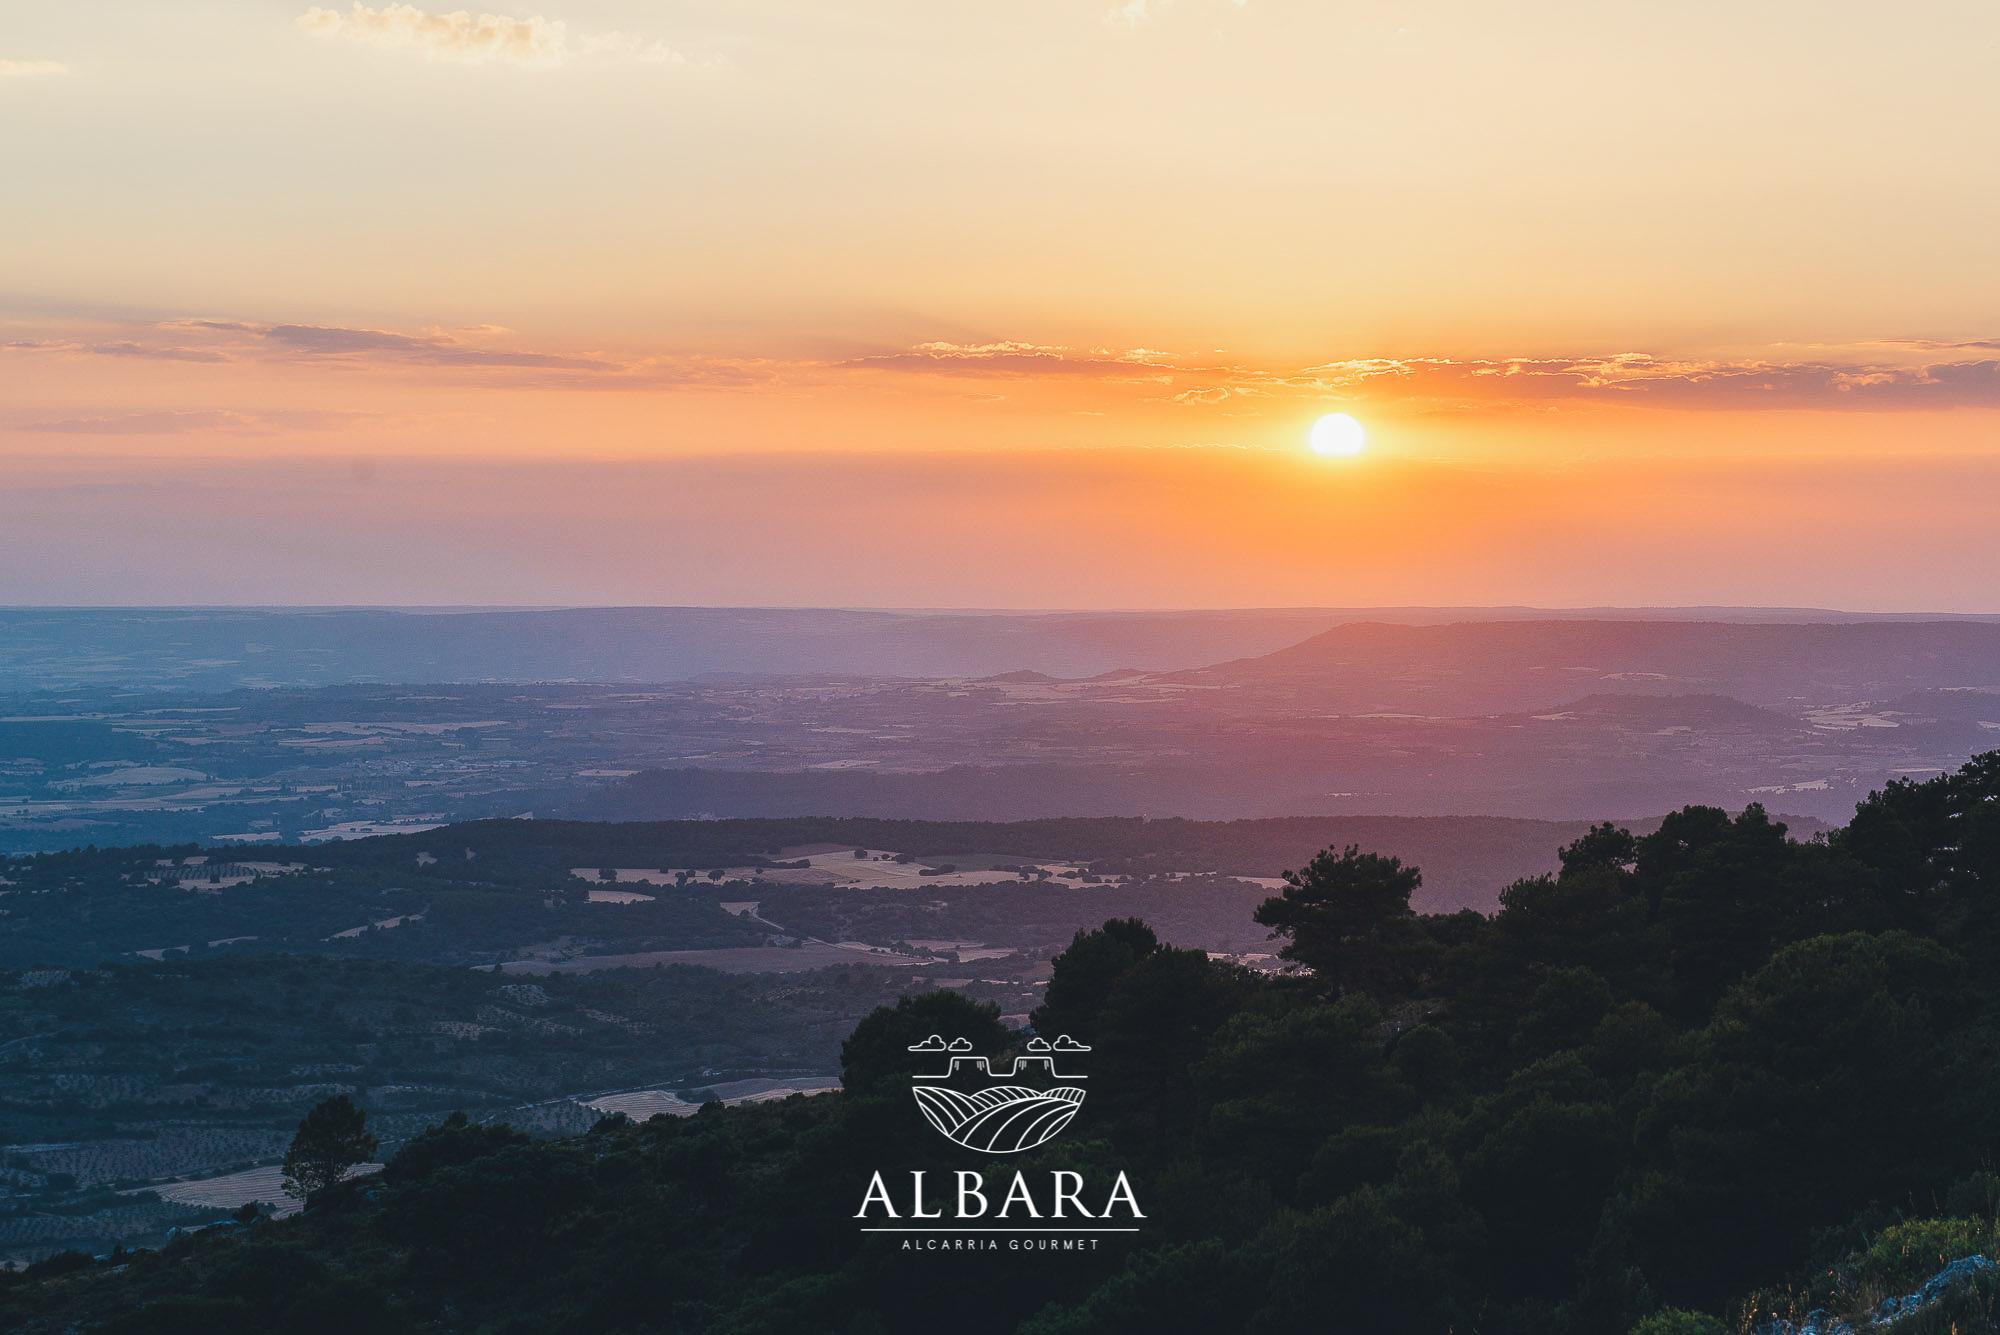 albara_6jpg